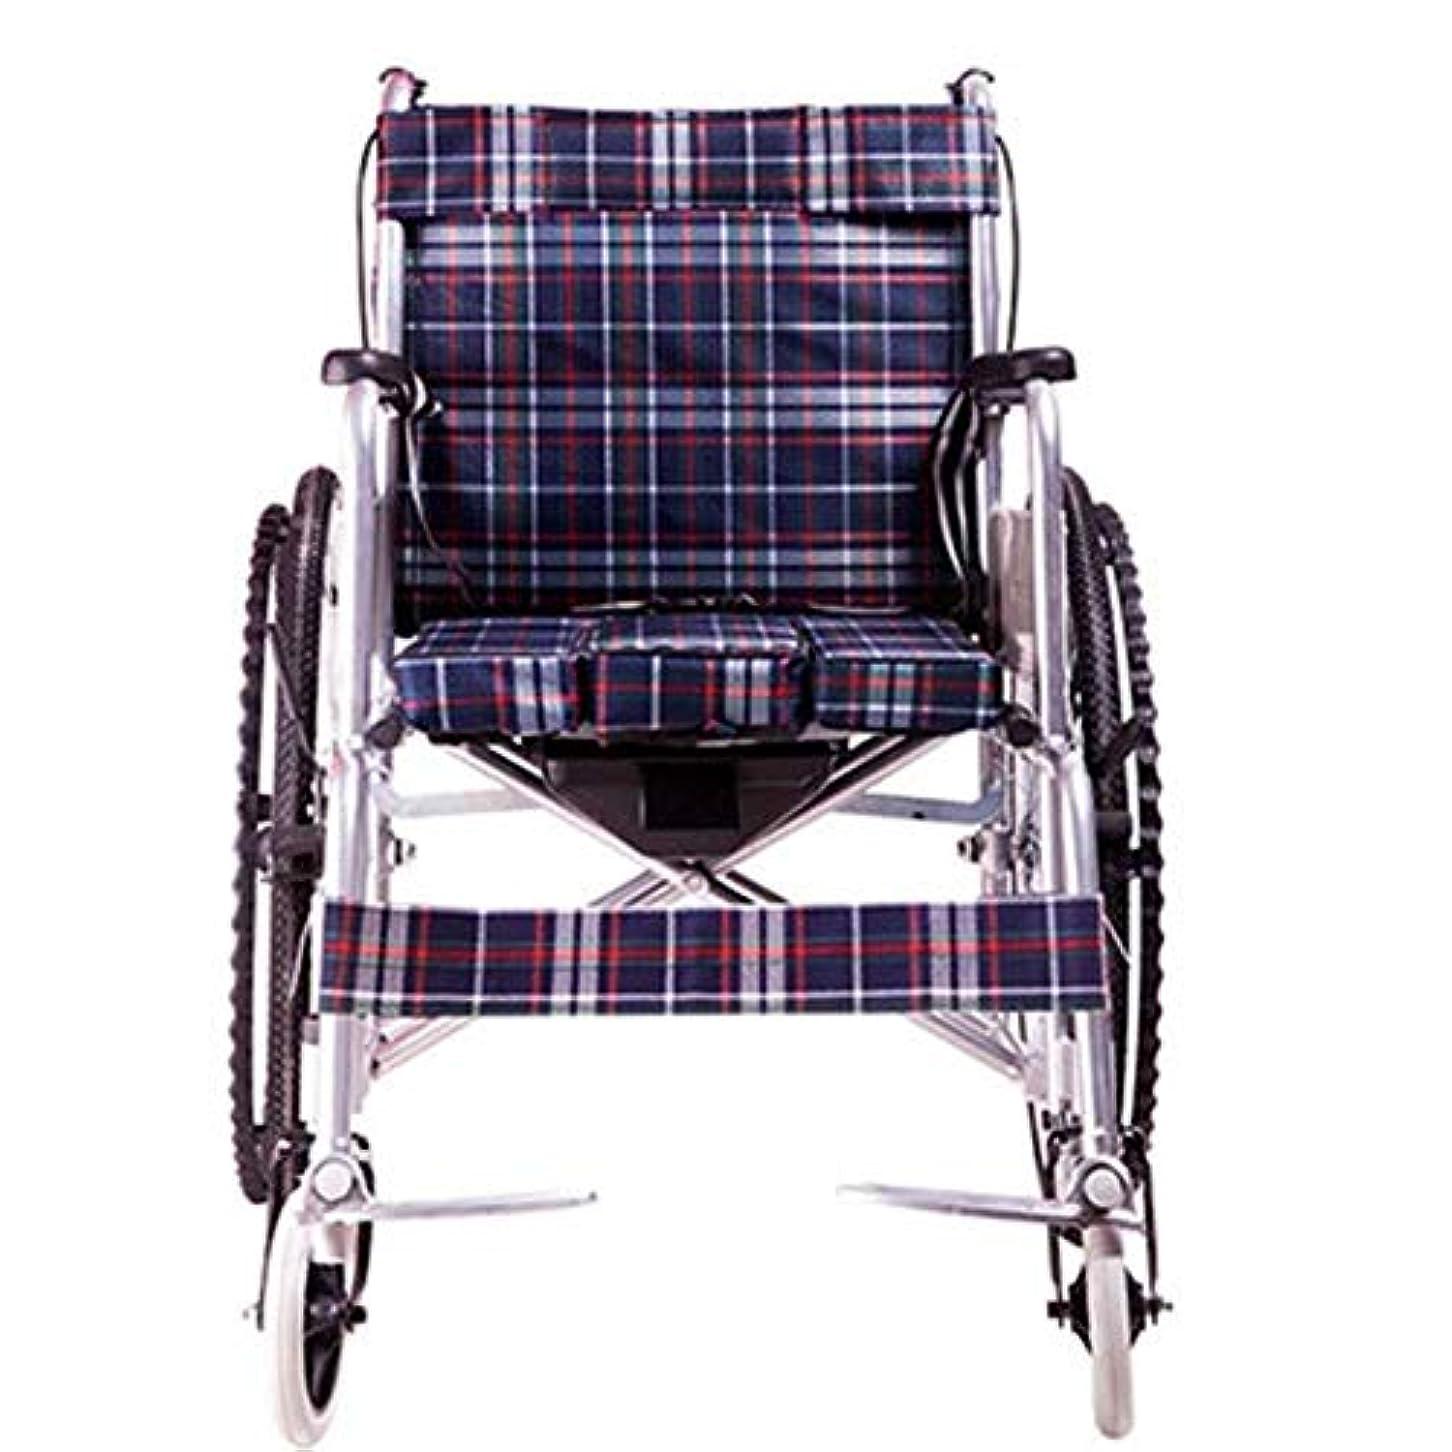 狂ったアーティキュレーションふりをするハンドブレーキとクイックリリースリアホイールを備えた軽量アルミニウム折りたたみ式セルフプロペール車椅子 (Color : Oxford cloth)